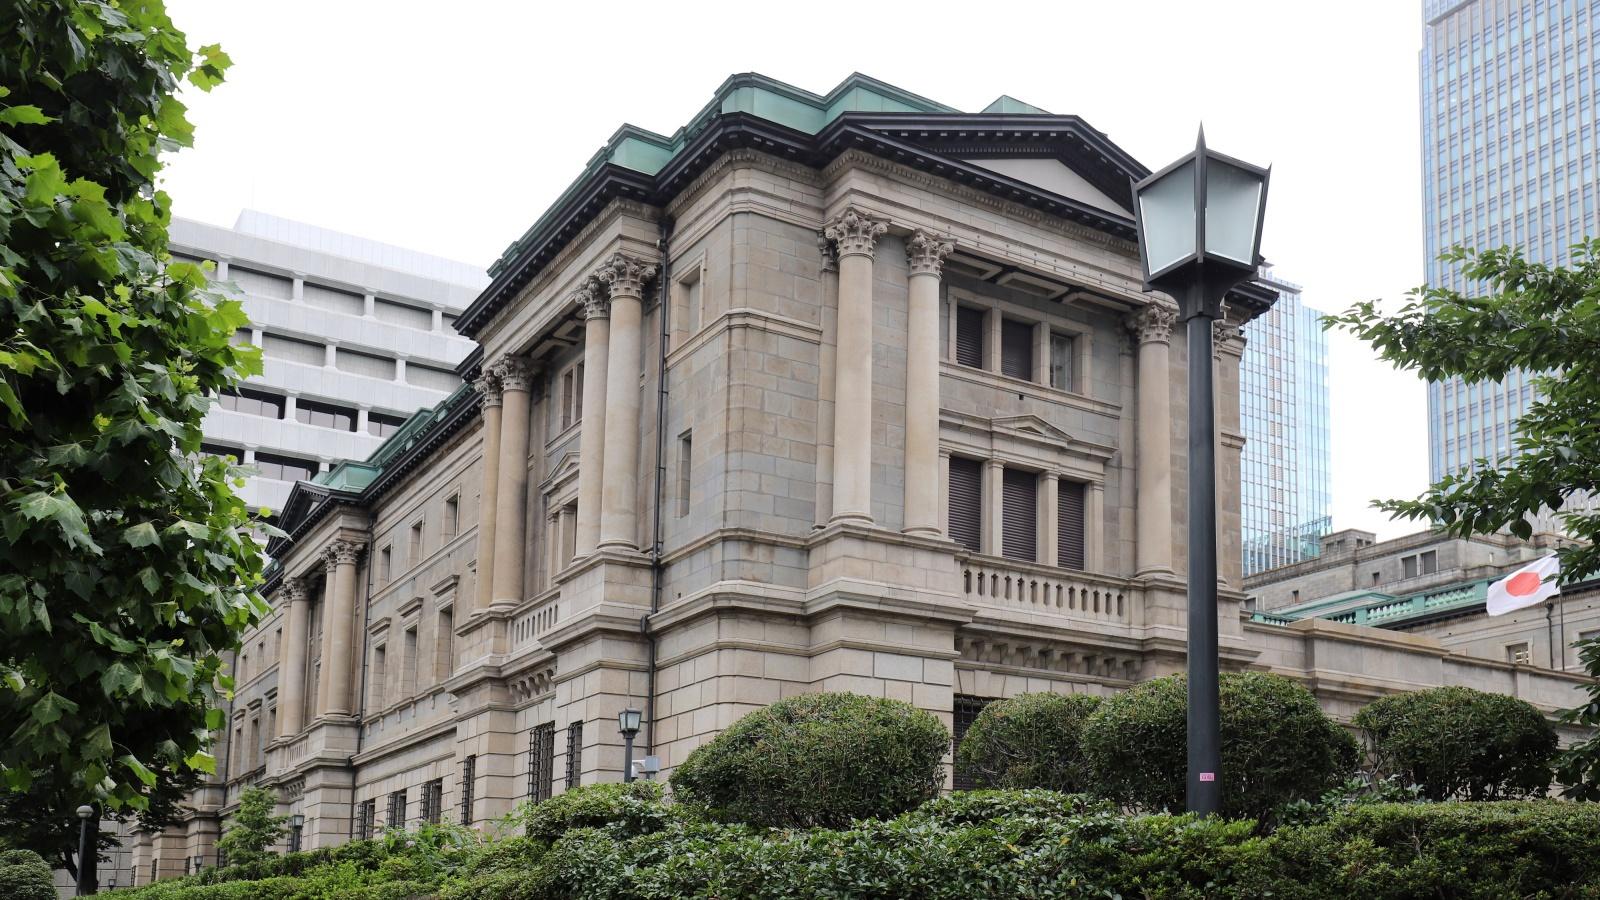 分岐 日銀 点 損益 日本銀行がETF購入の損益分岐点について説明。日銀のバランスシートは大丈夫?